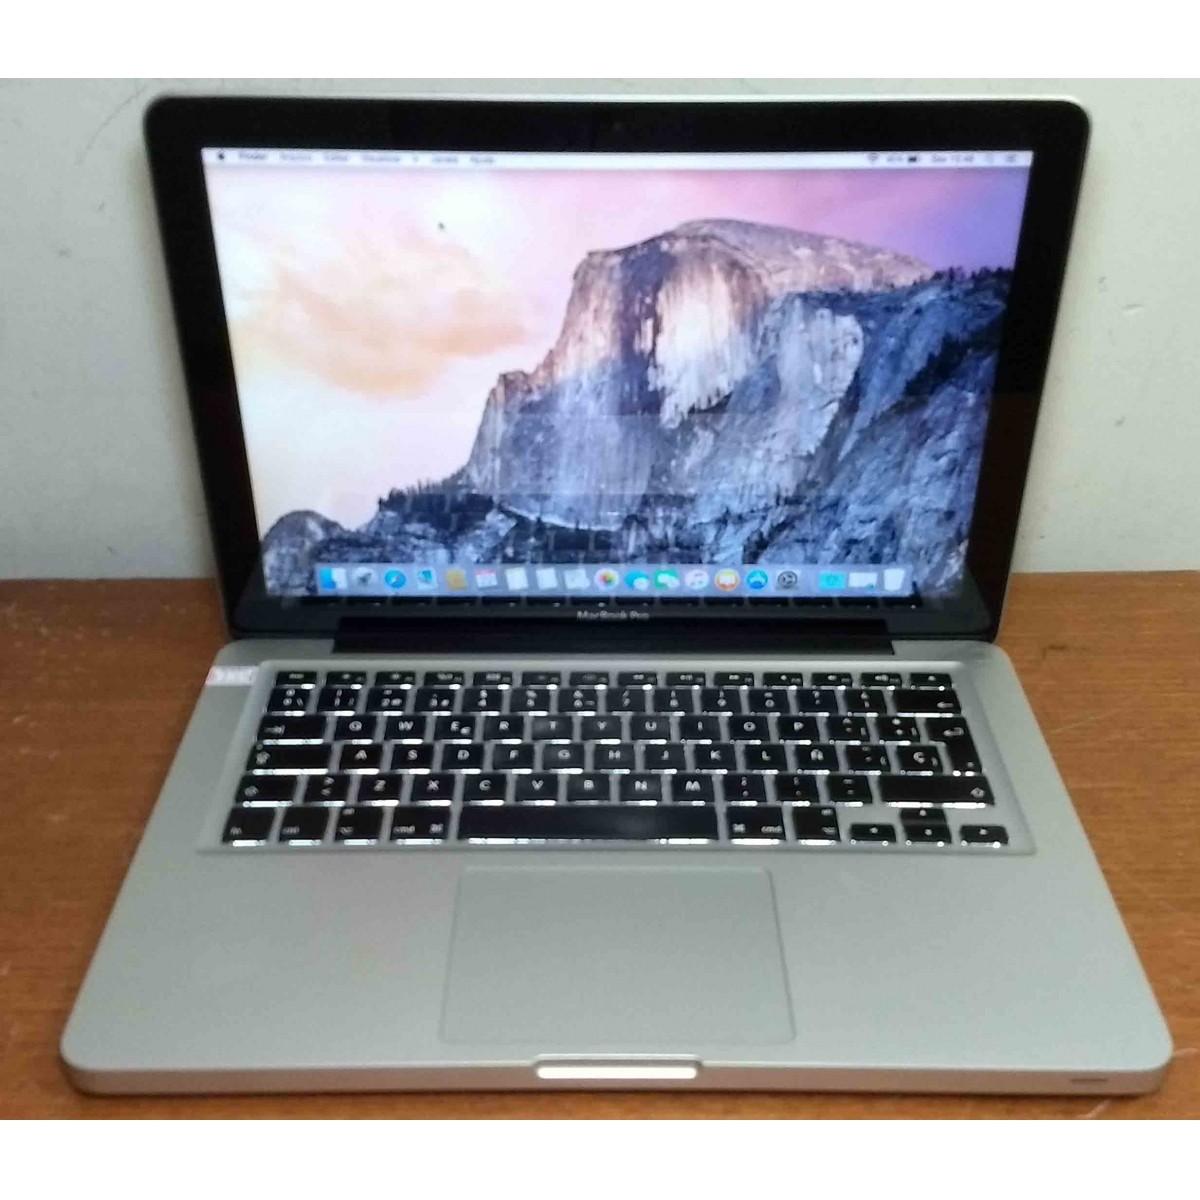 Macbook Pro MD101LL/A 13.3'' Intel Core i5 2.5GHz 8GB HD-500GB